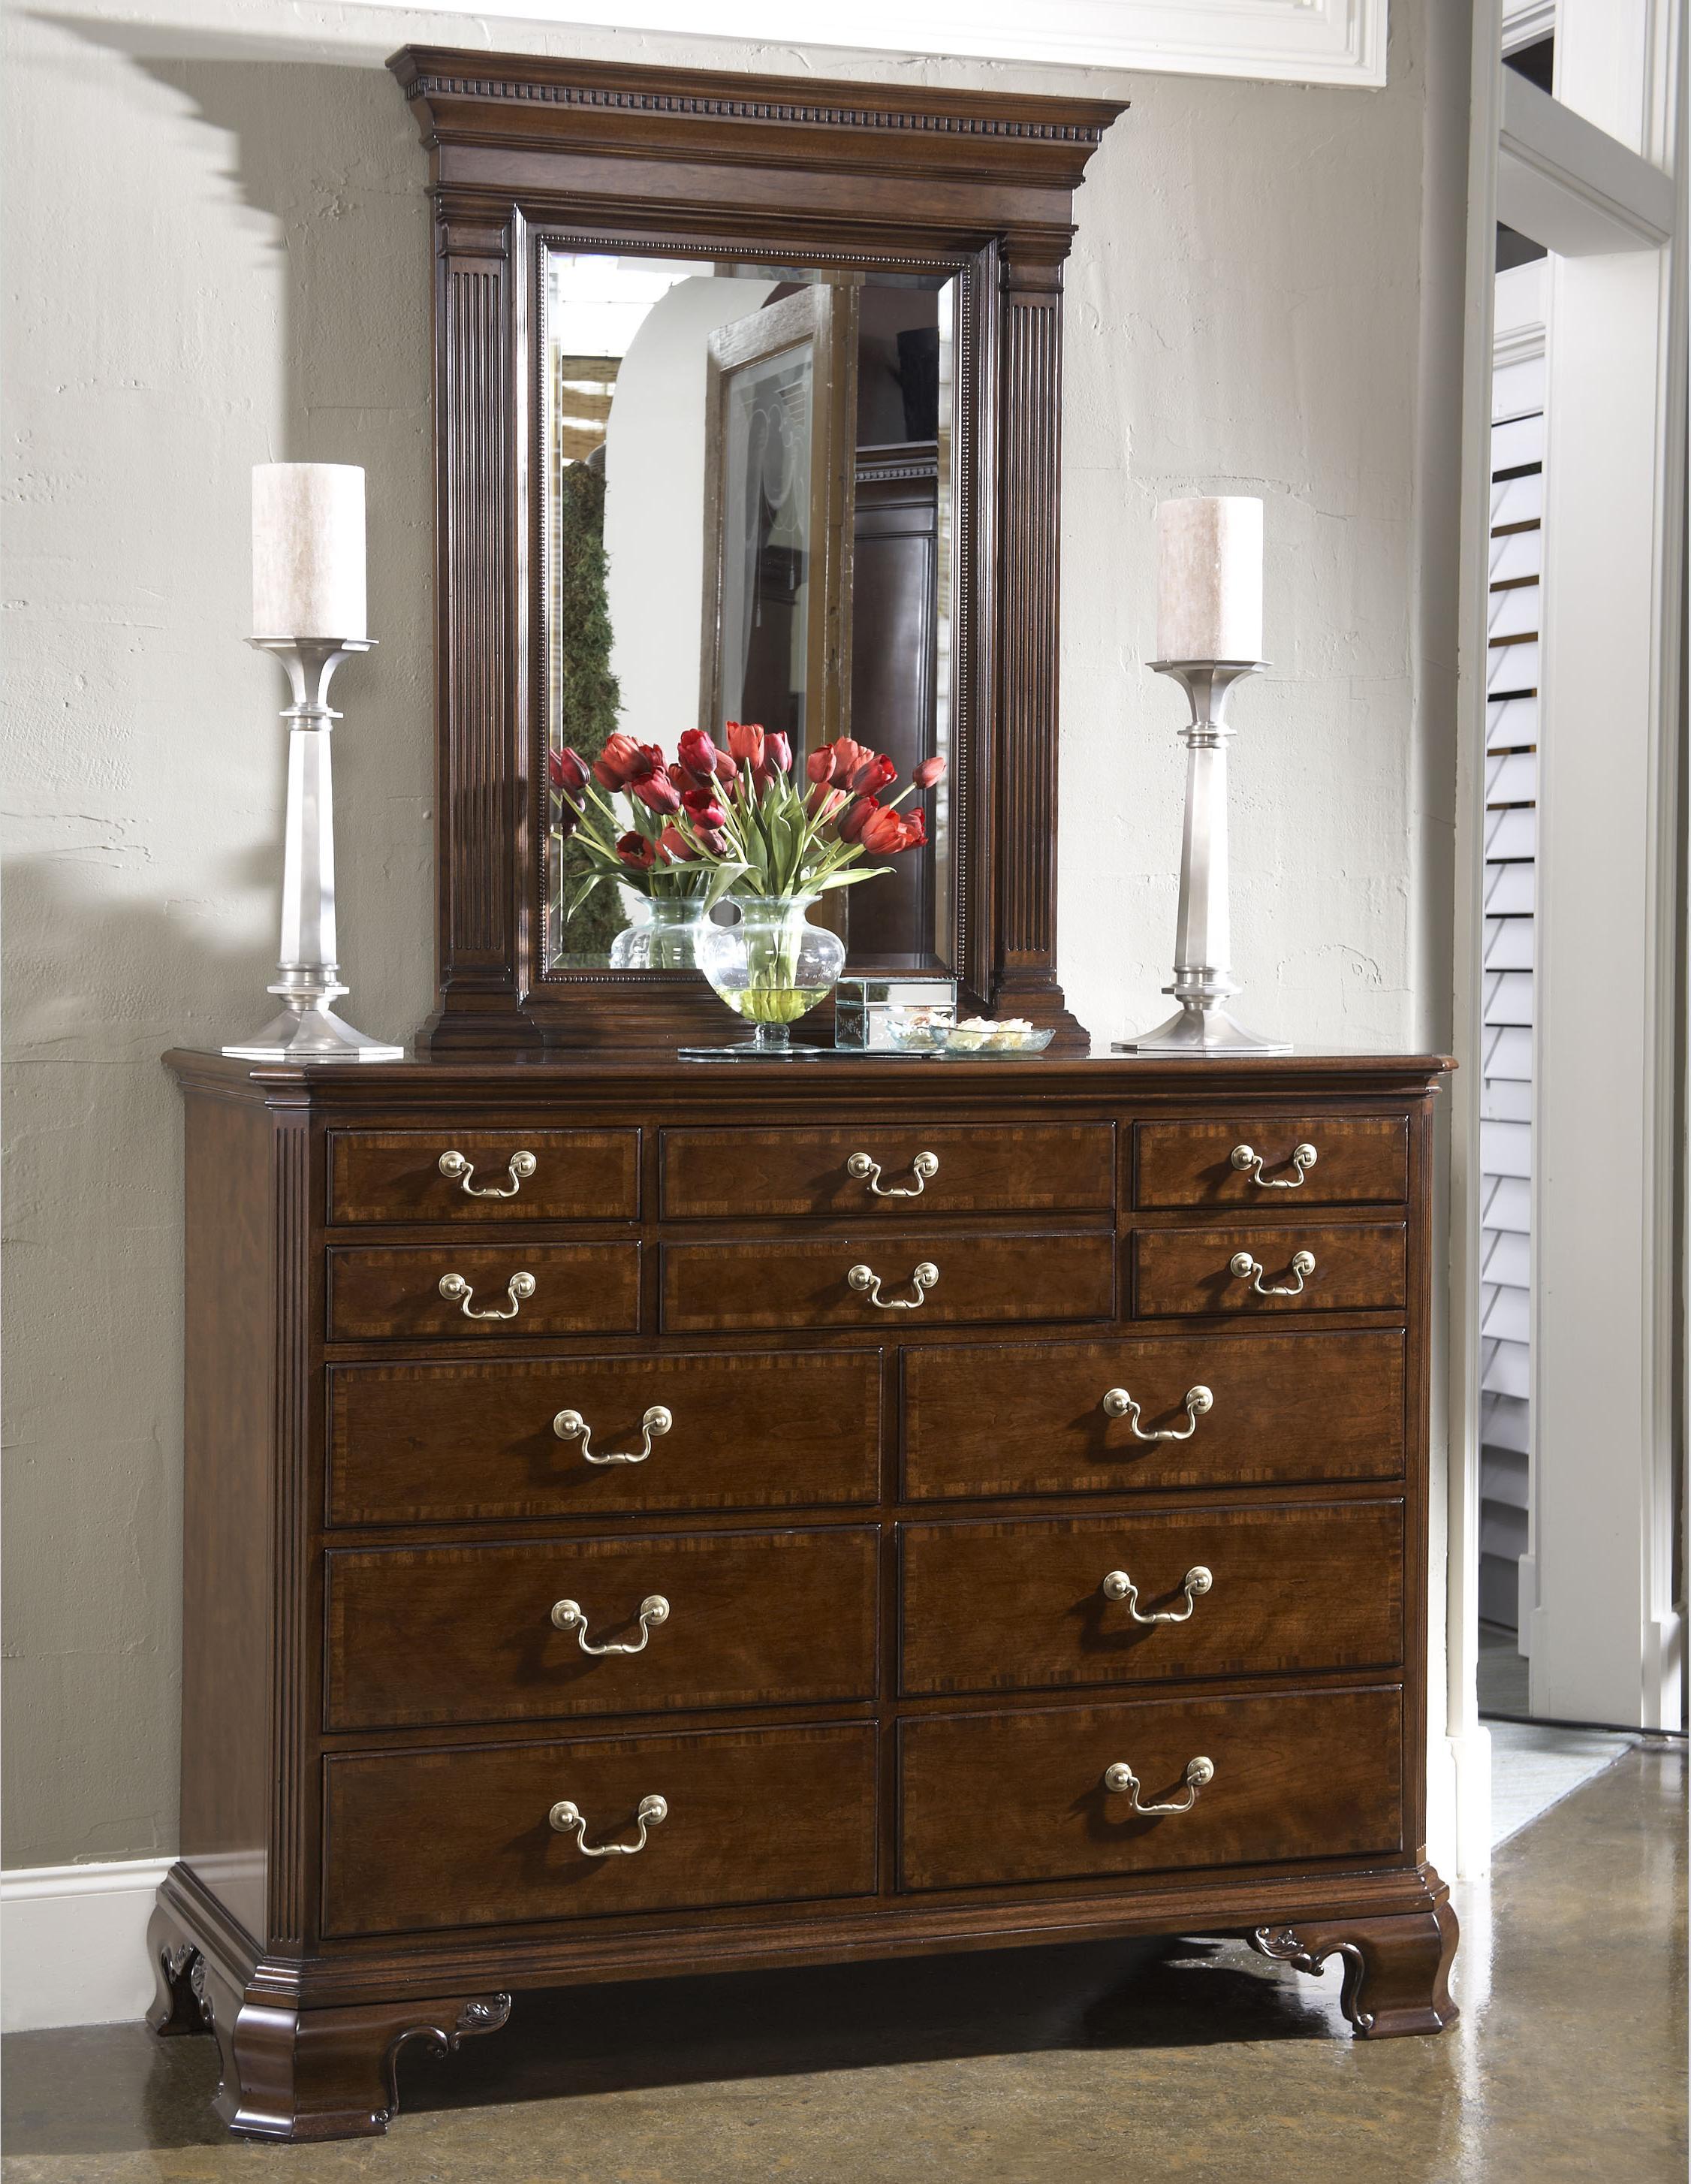 Belfort Signature Belmont Dresser & Mirror Combo - Item Number: 1020-131+152